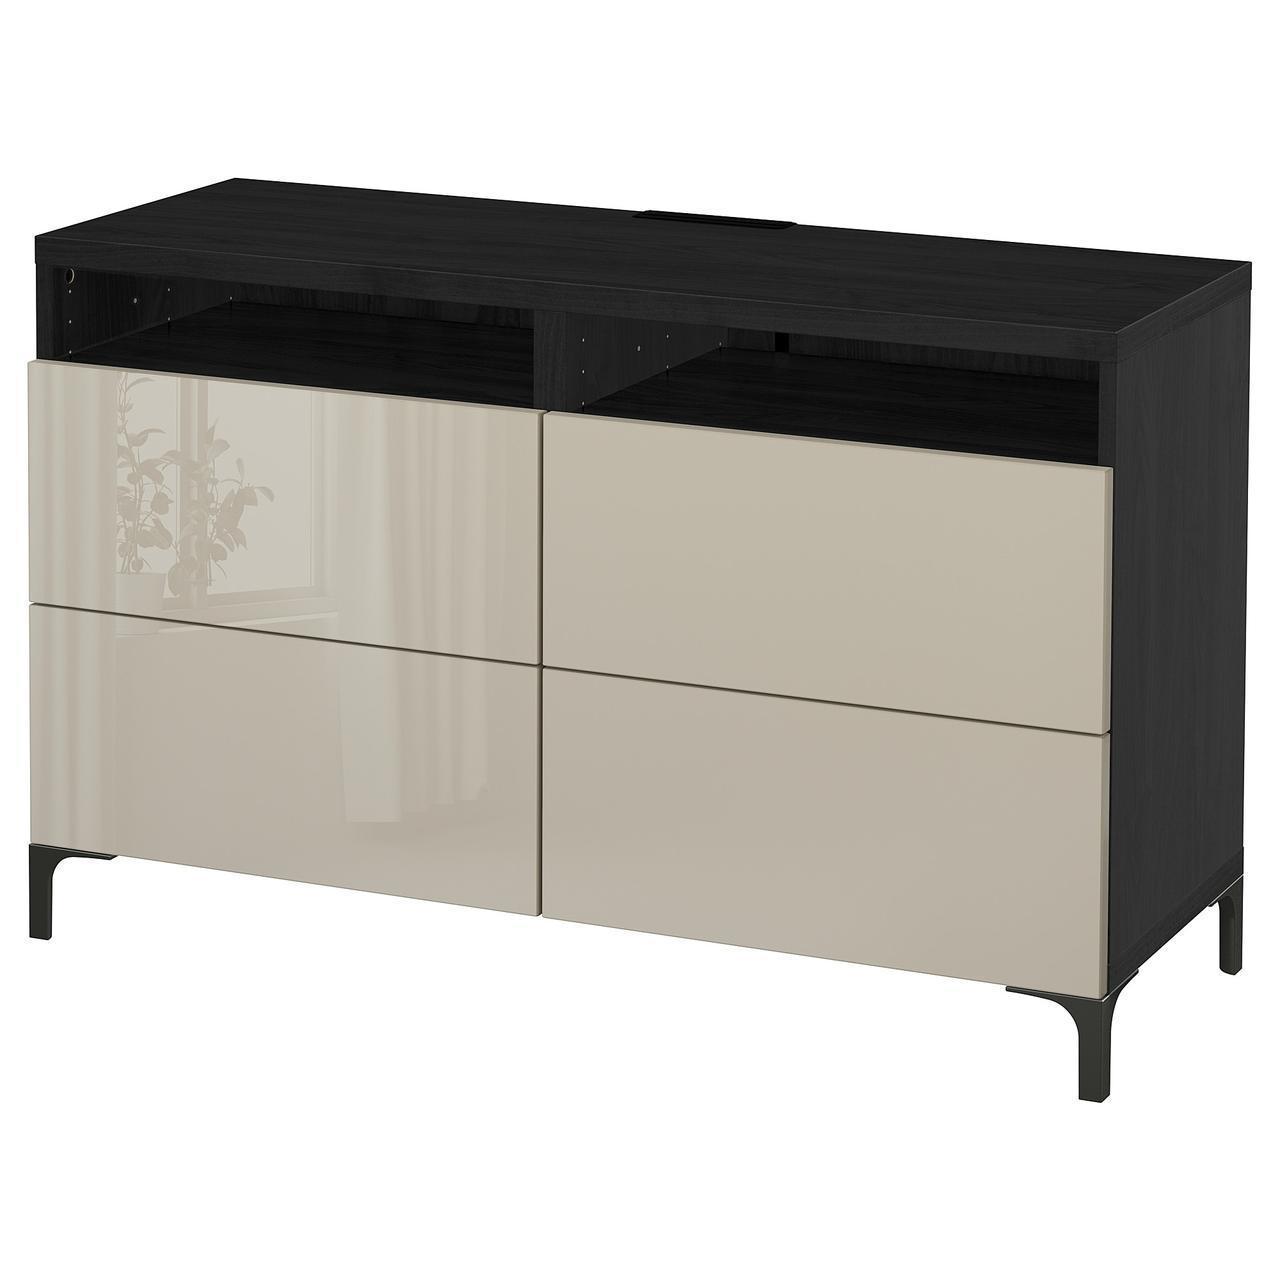 IKEA BESTA Тумба под телевизор с ящиками, черно-коричневый, Сельсвикен (391.938.18)